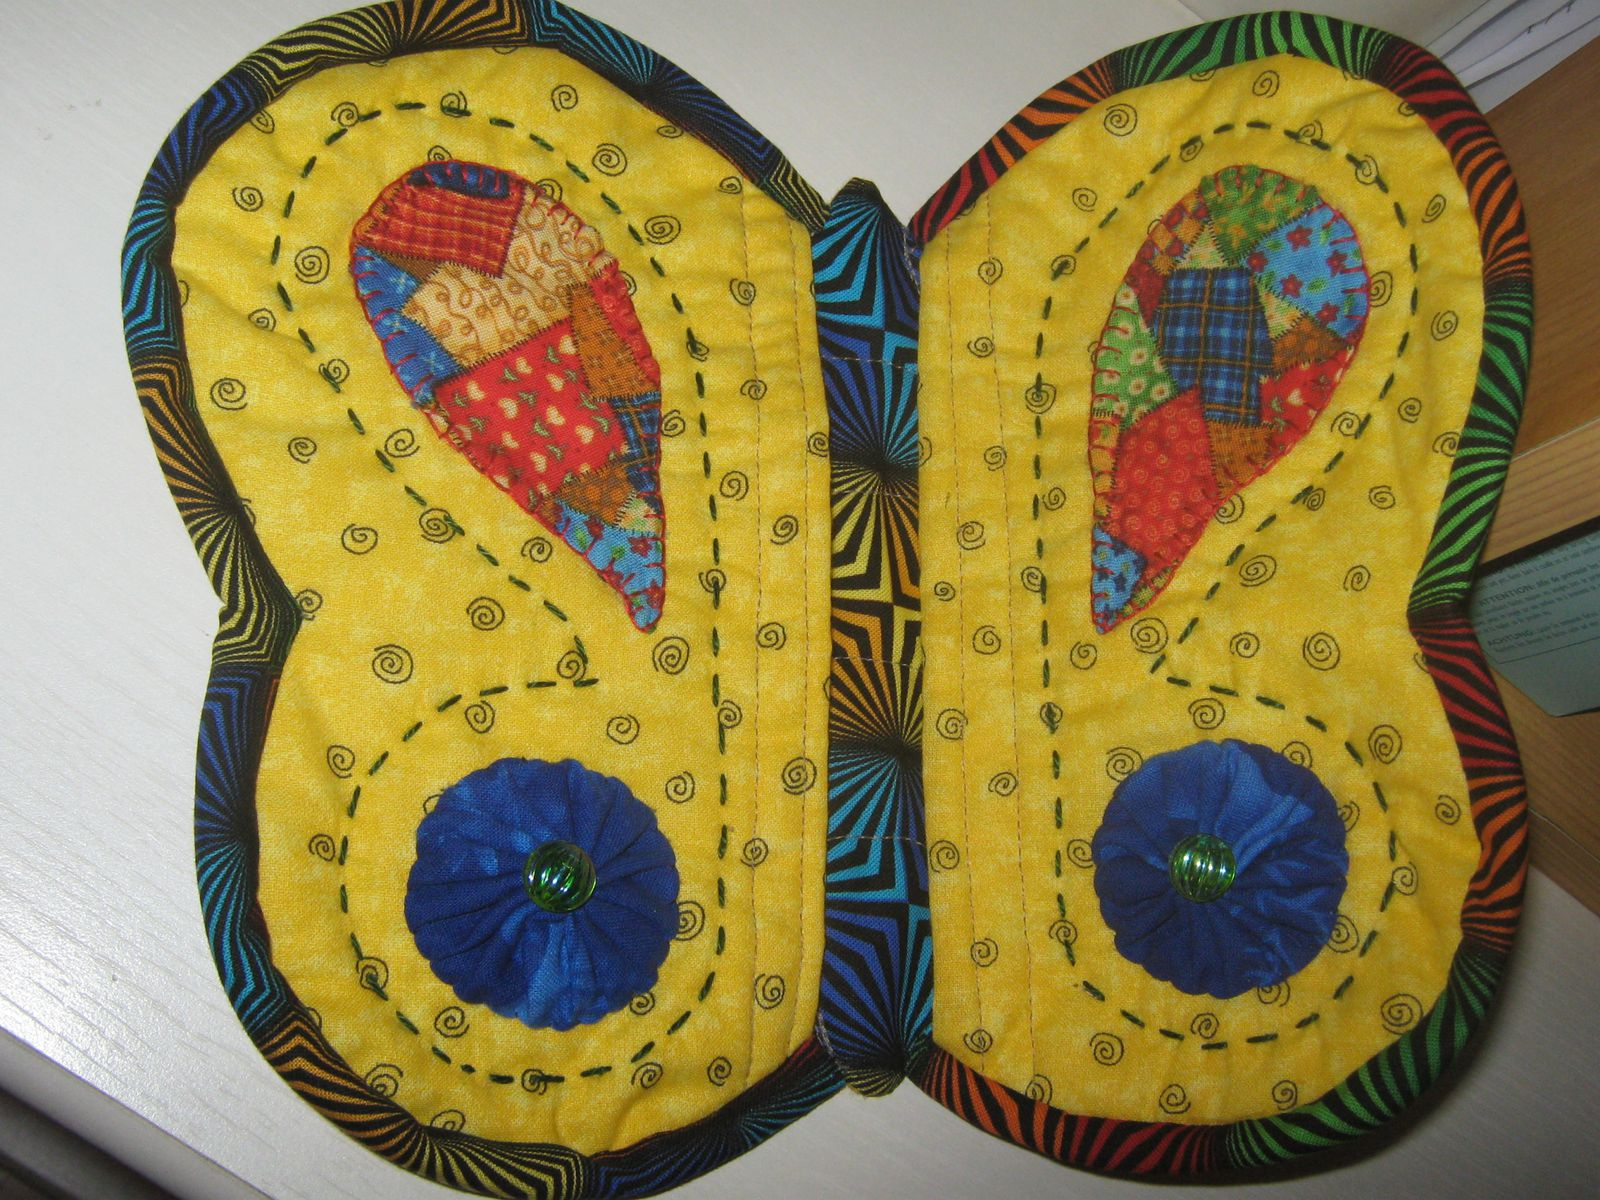 mon papillon manique s 39 envole chez qui blog de. Black Bedroom Furniture Sets. Home Design Ideas